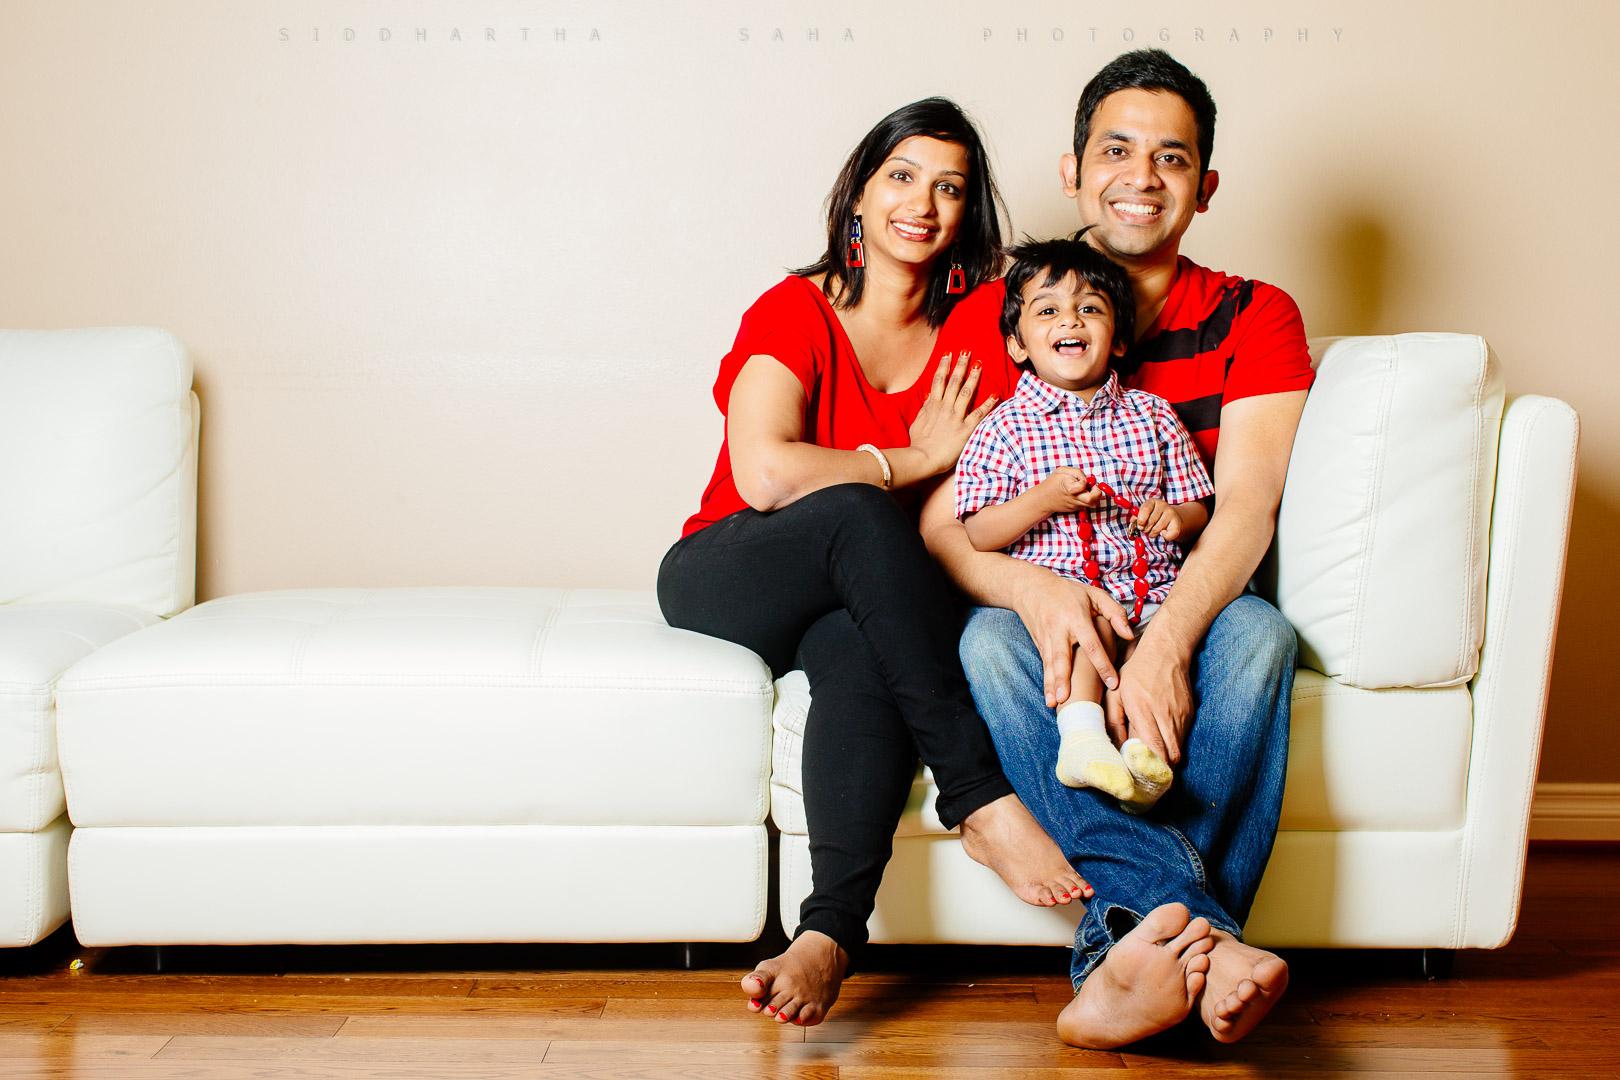 2015-06-14 - Ranjani Naveen Vihaan Photoshoot - _05Y7054